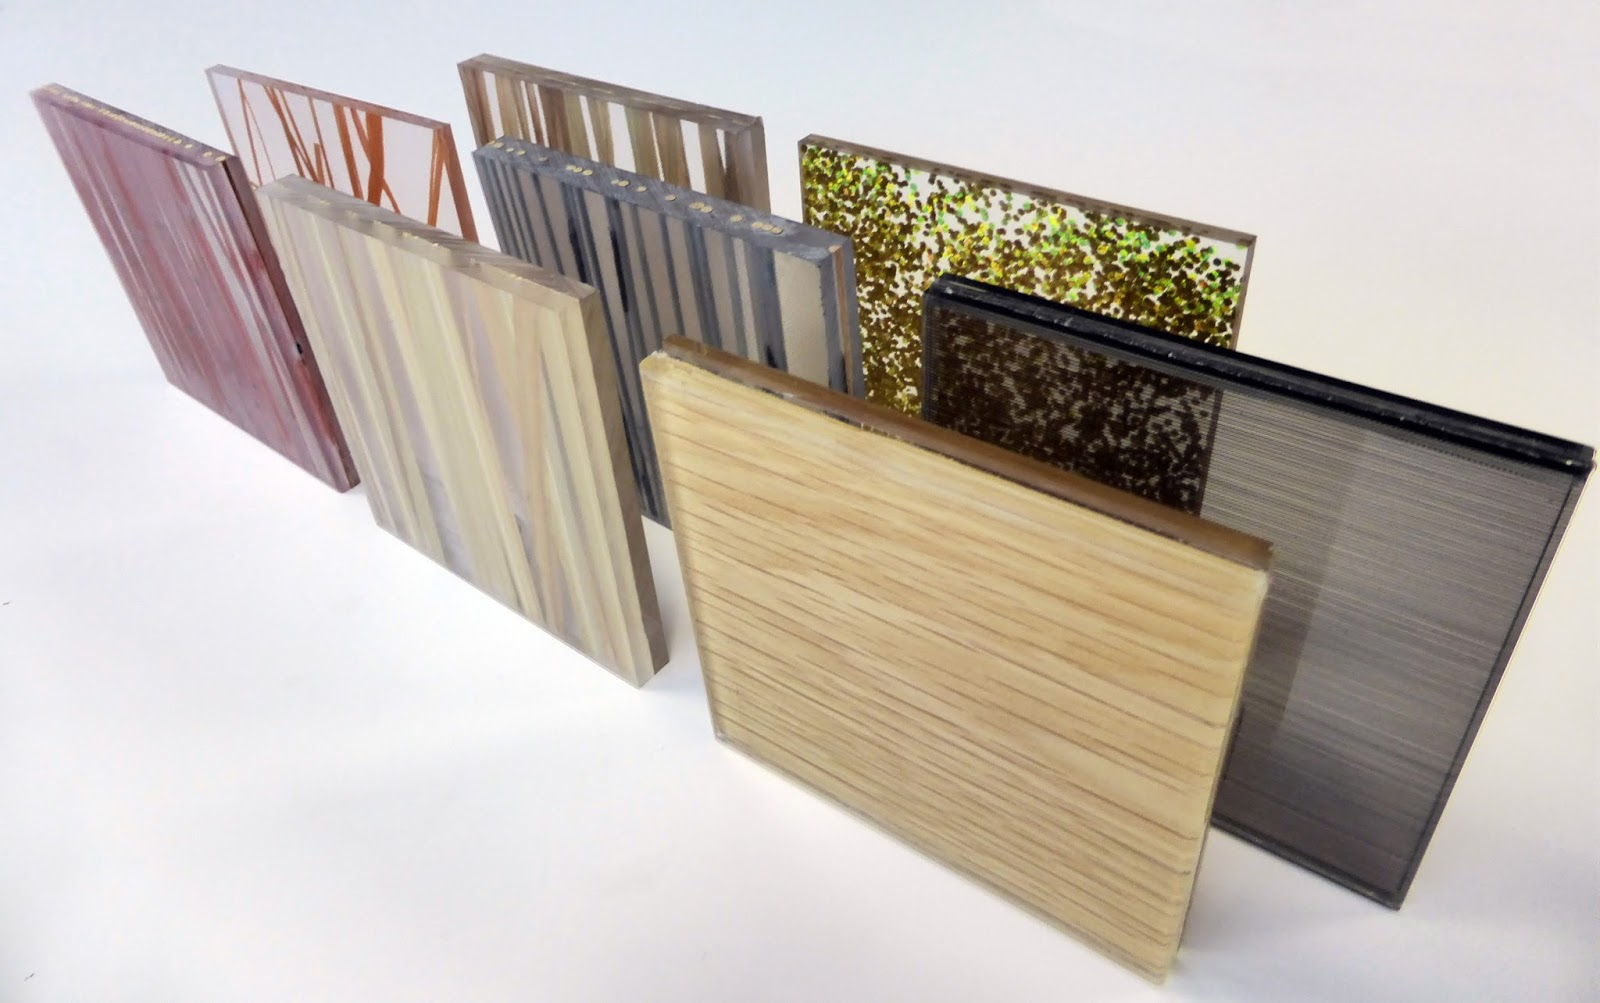 Ibercons arquitectura dise o paneles decorativos - Paneles de madera decorativos ...